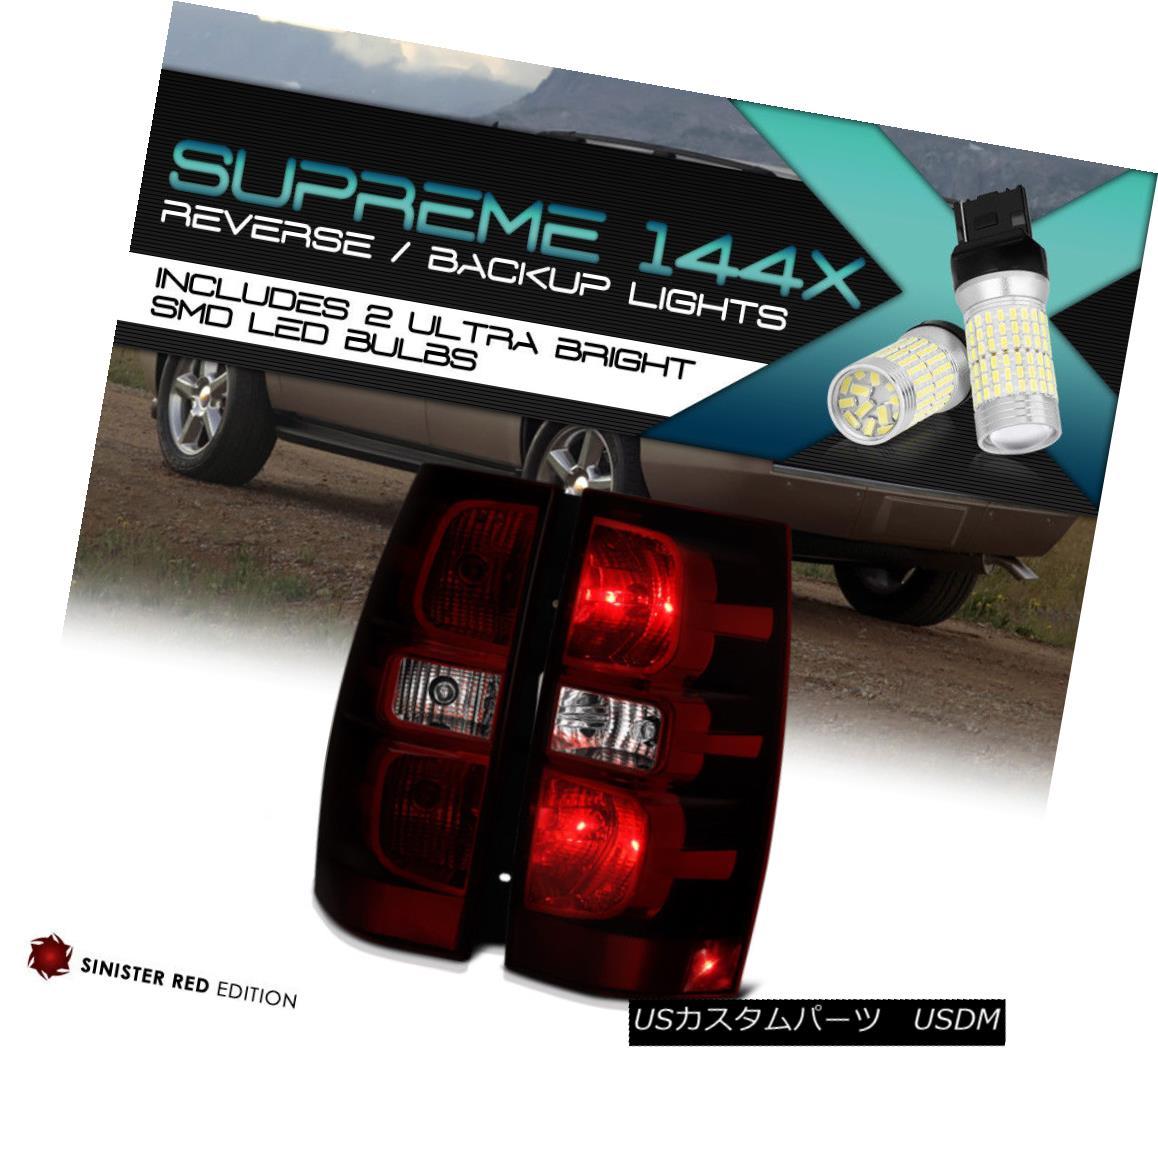 テールライト !FULL SMD REVERSE! 07-14 Suburban Tahoe Yukon DARK WINE RED Tail Lights+Harness !FULL SMD REVERSE! 07-14郊外のタホユコーンダークワインレッドテールライト+ハーネス